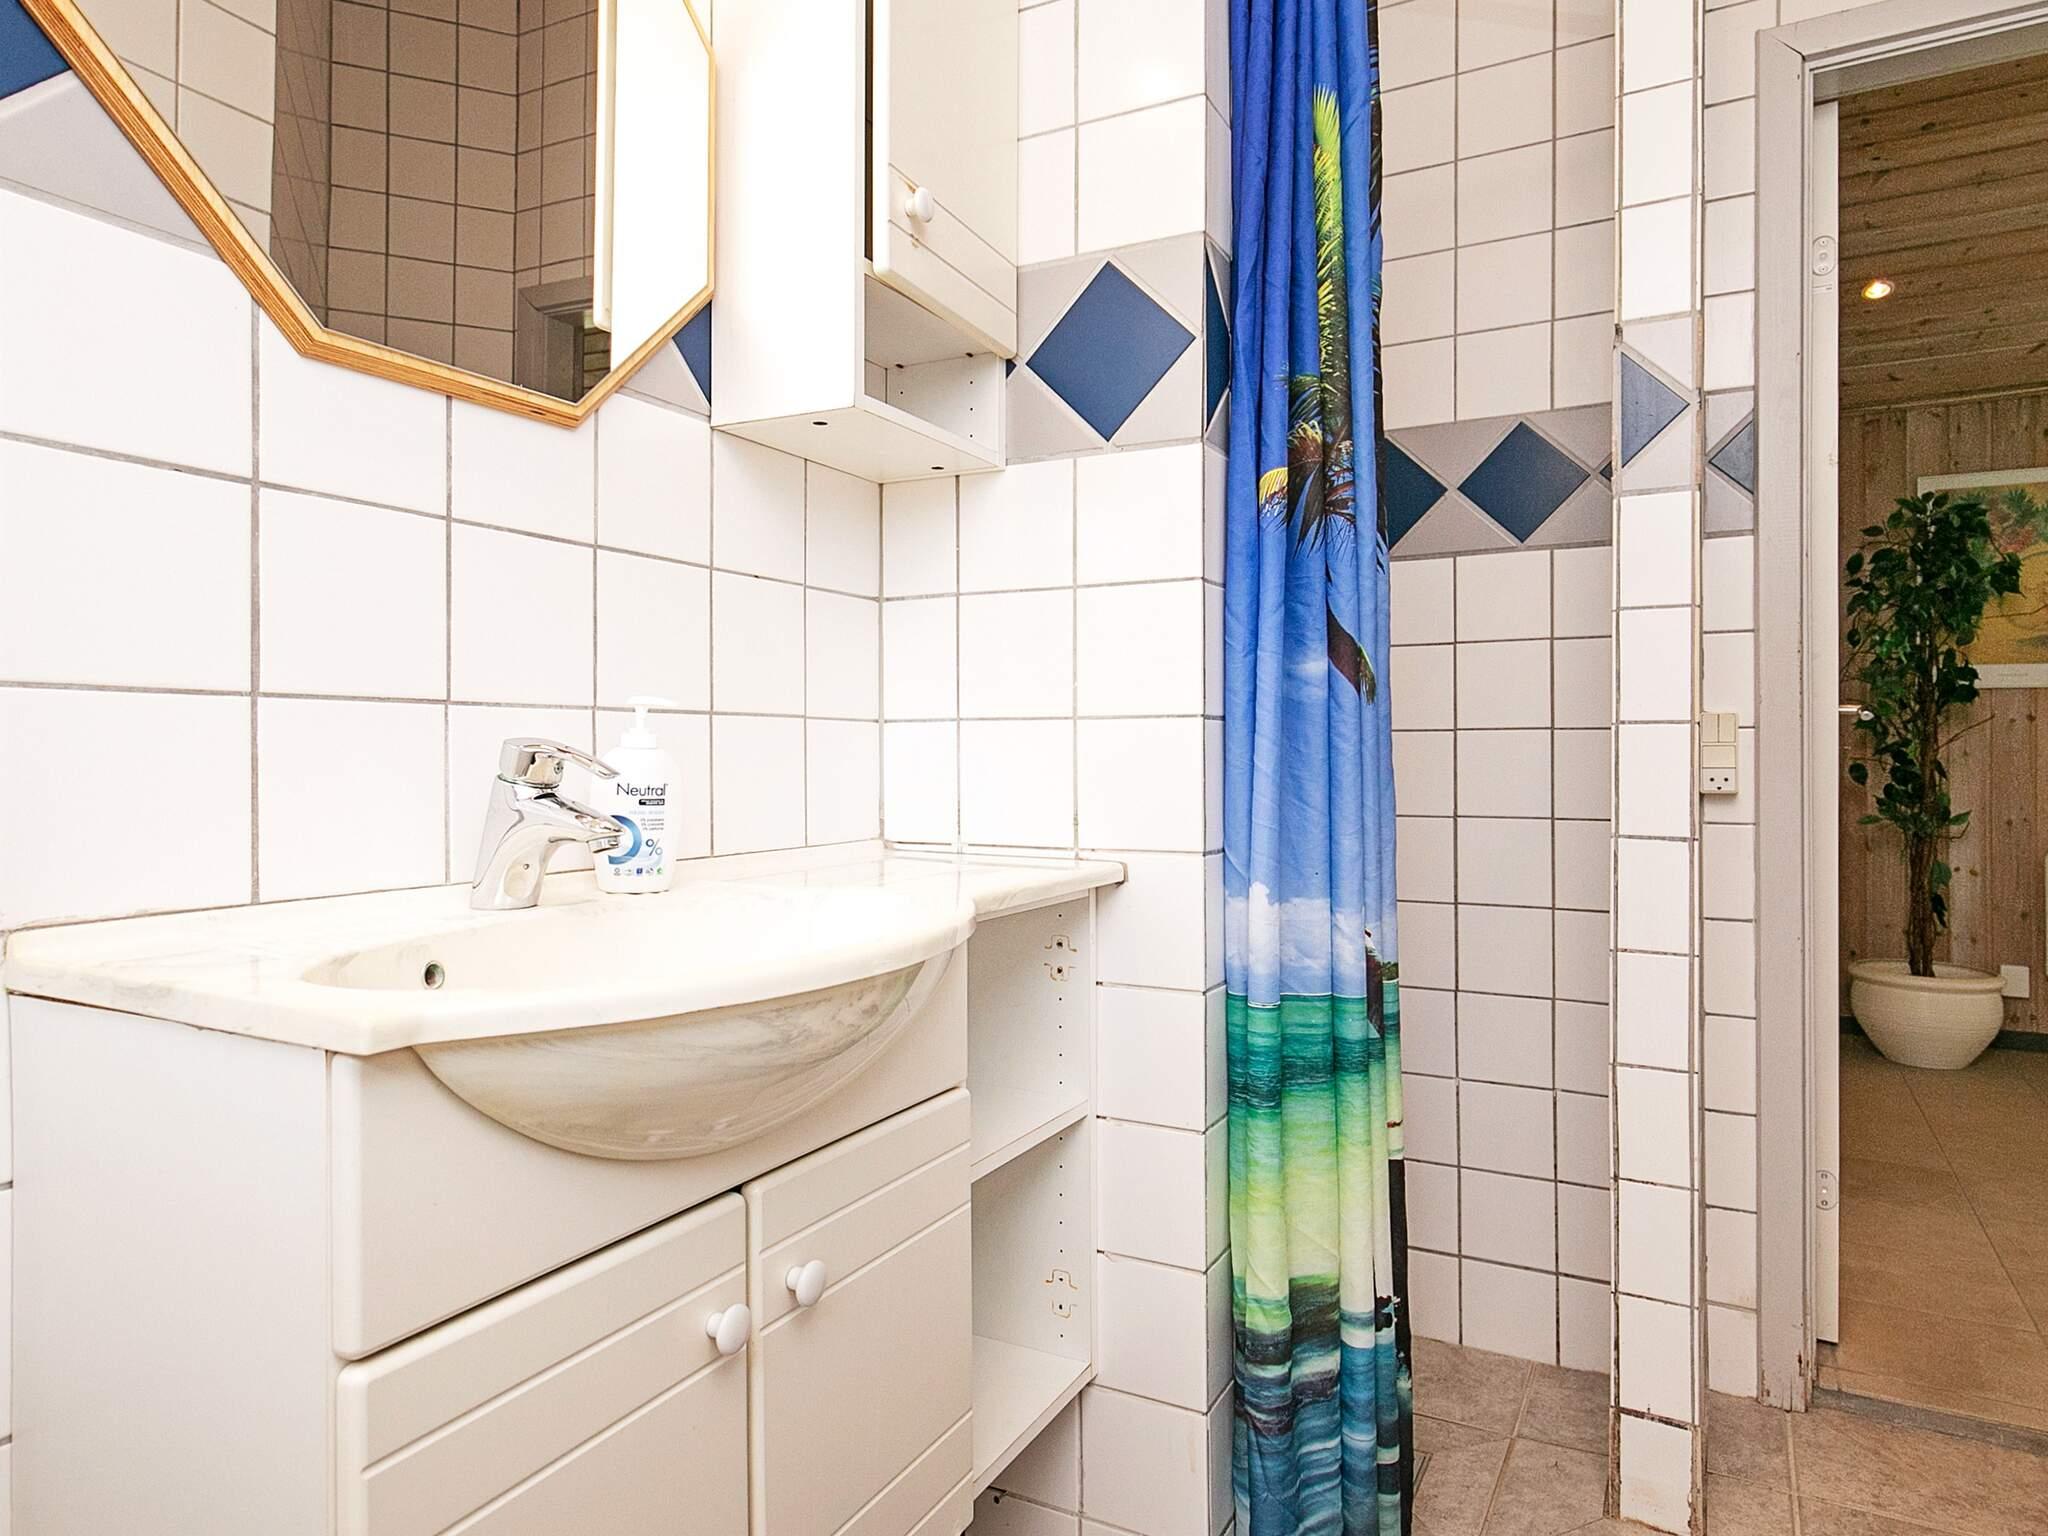 Ferienhaus Marielyst (83562), Marielyst, , Falster, Dänemark, Bild 2